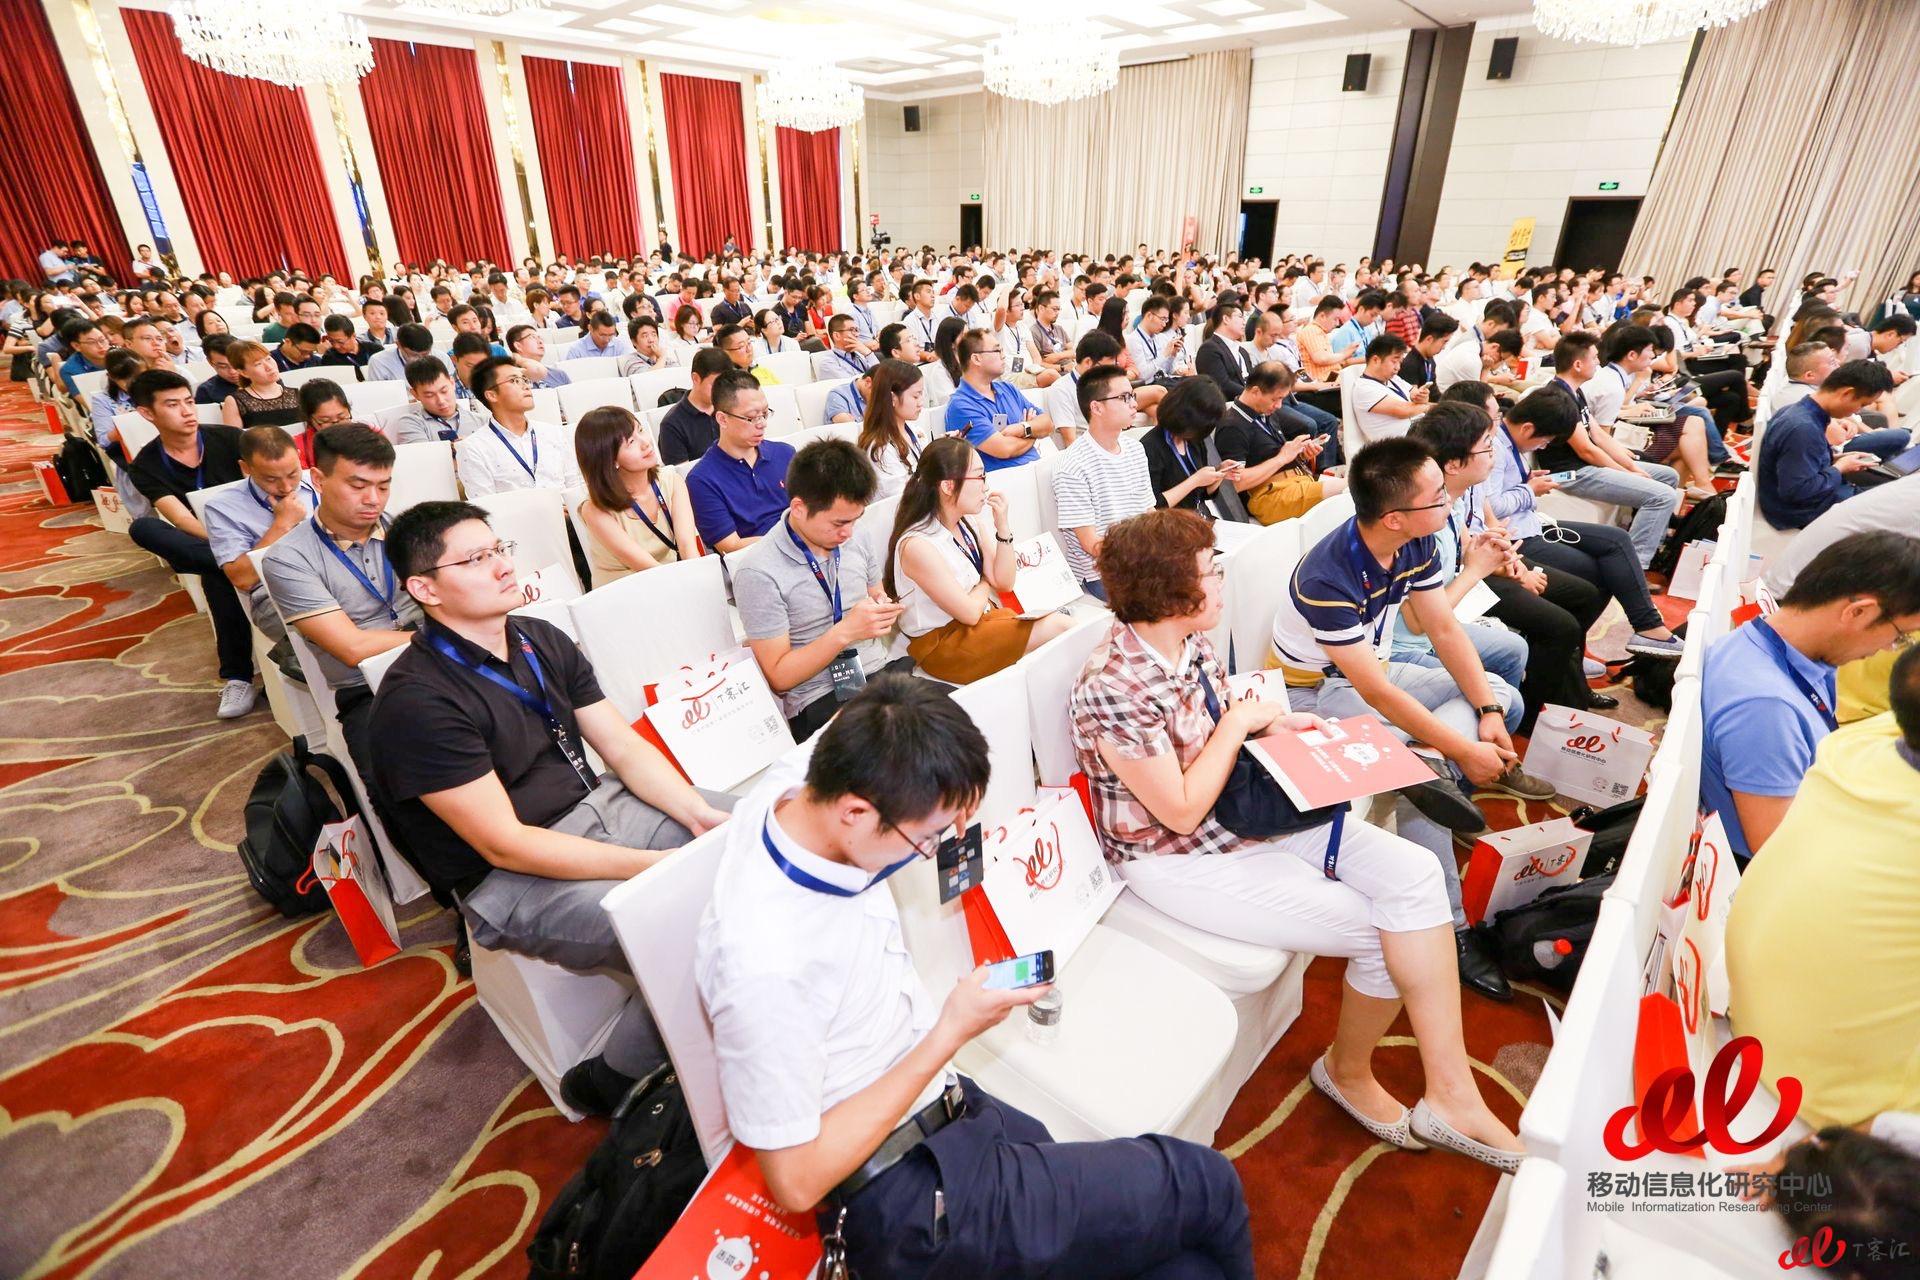 揭露SaaS背后的真实数据,预见创业者自己的江湖| SaaS峰会・上海